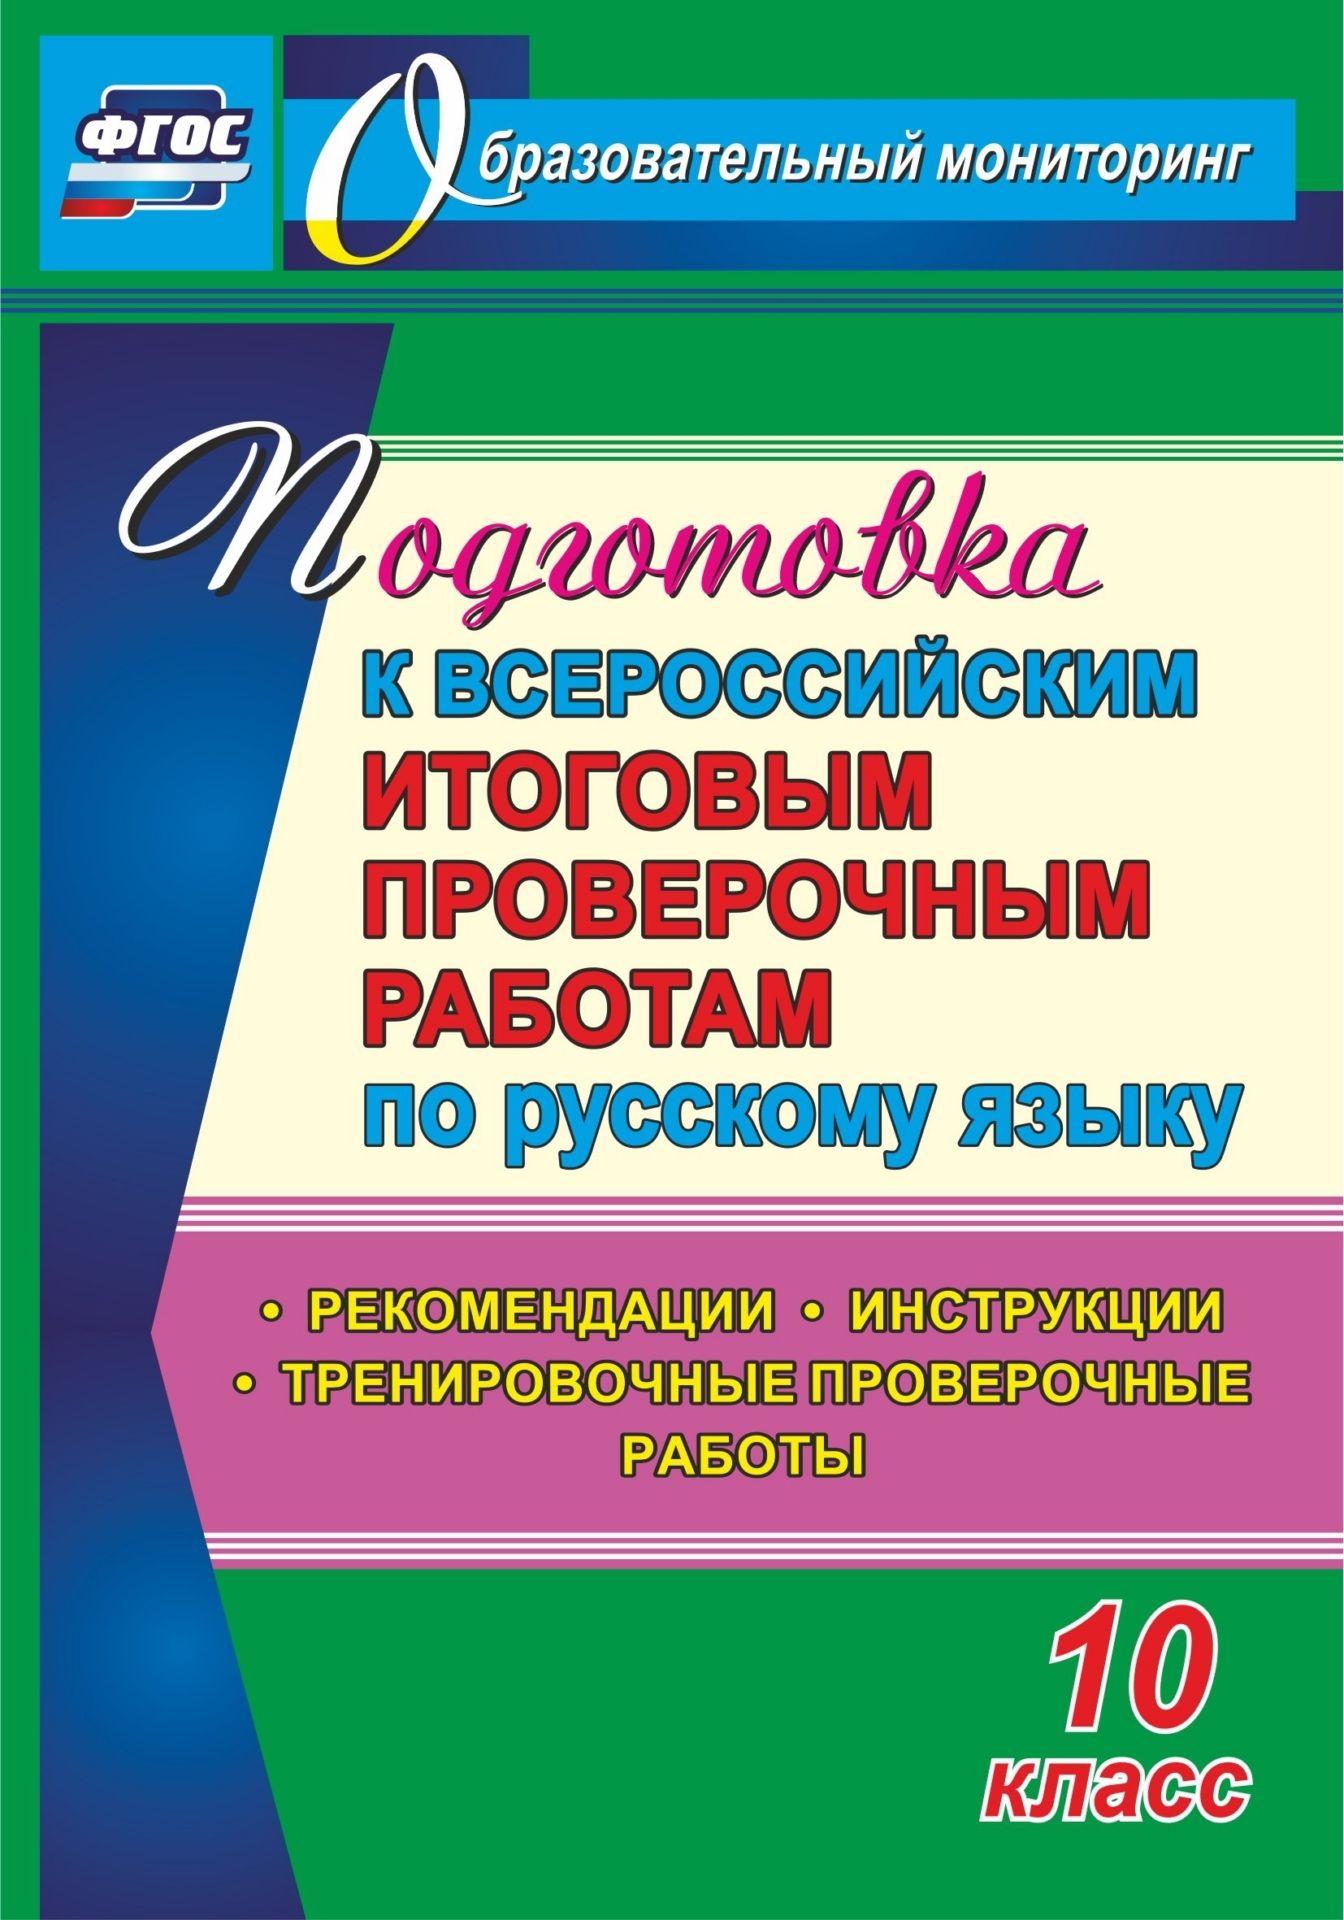 Подготовка к Всероссийским итоговым проверочным работам по русскому языку. 10 класс: рекомендации, инструкции, тренировочные проверочные работы